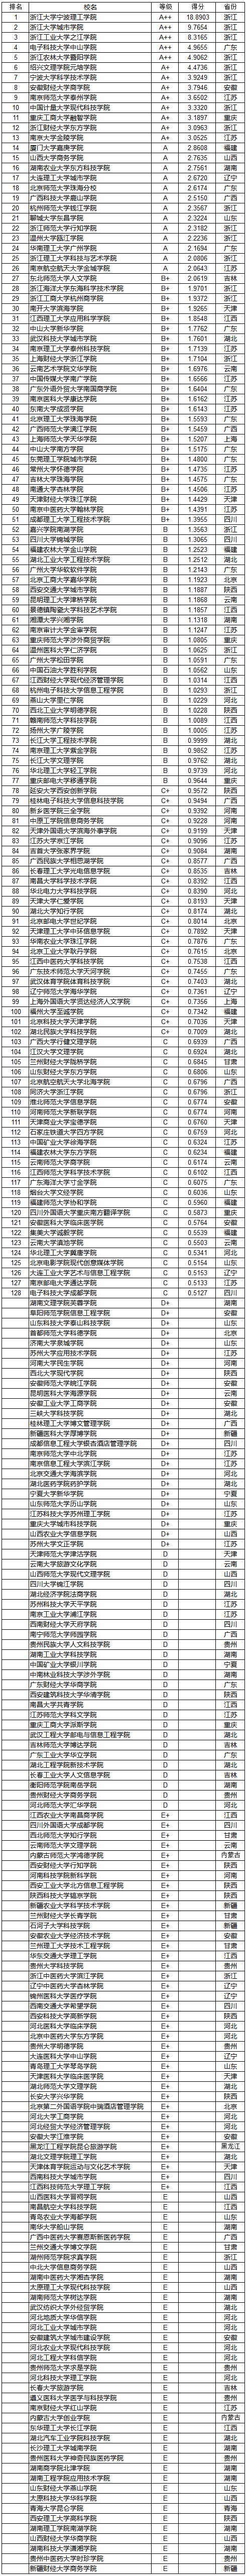 武书连2019中国独立学院教师创新能力排行榜